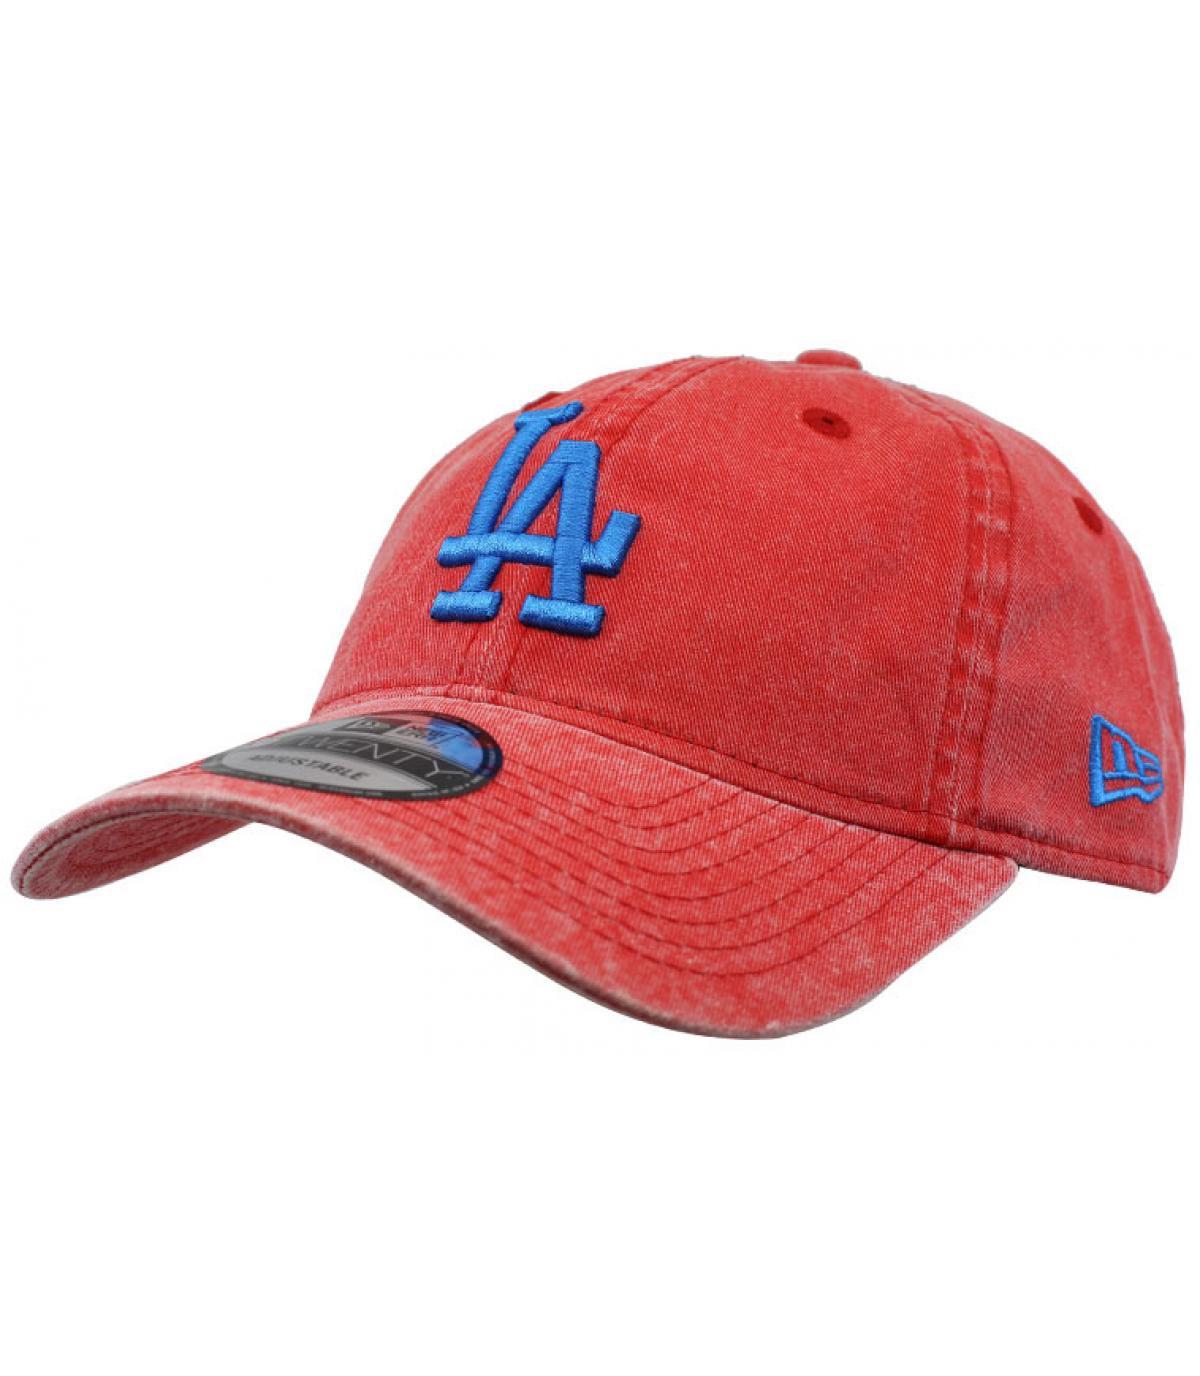 casquette LA rouge bleu